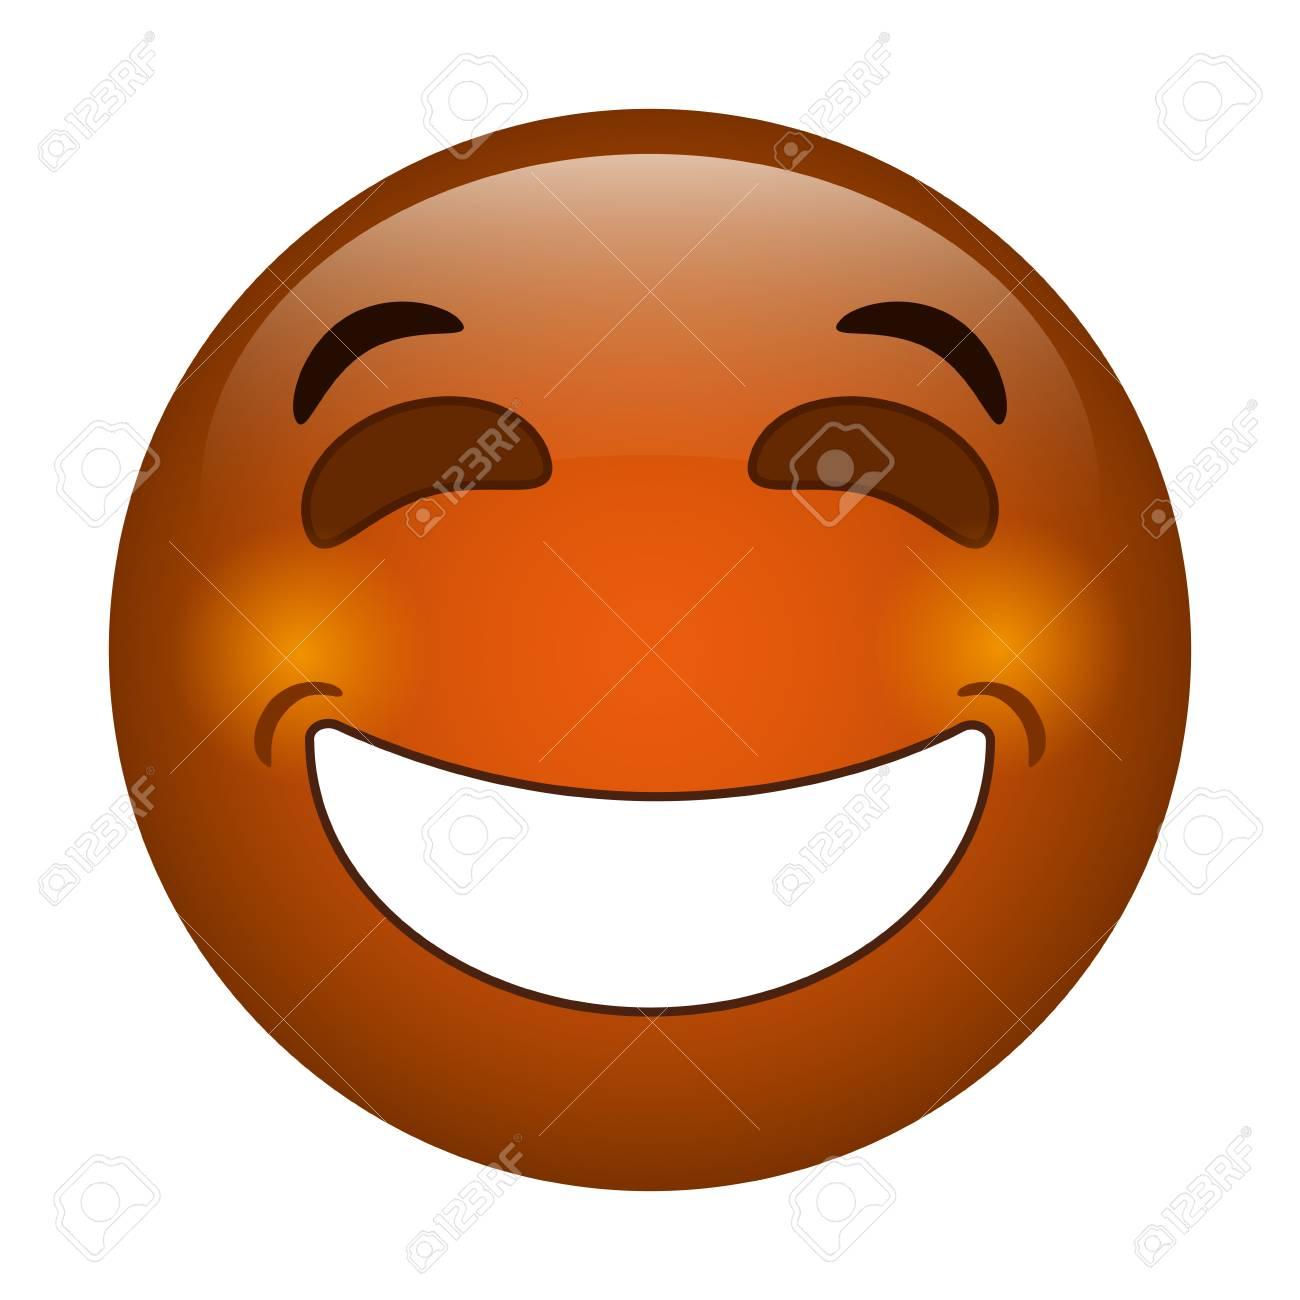 Icono De Estilo De Emoticon De Risa Ilustración Vectorial Eps 10